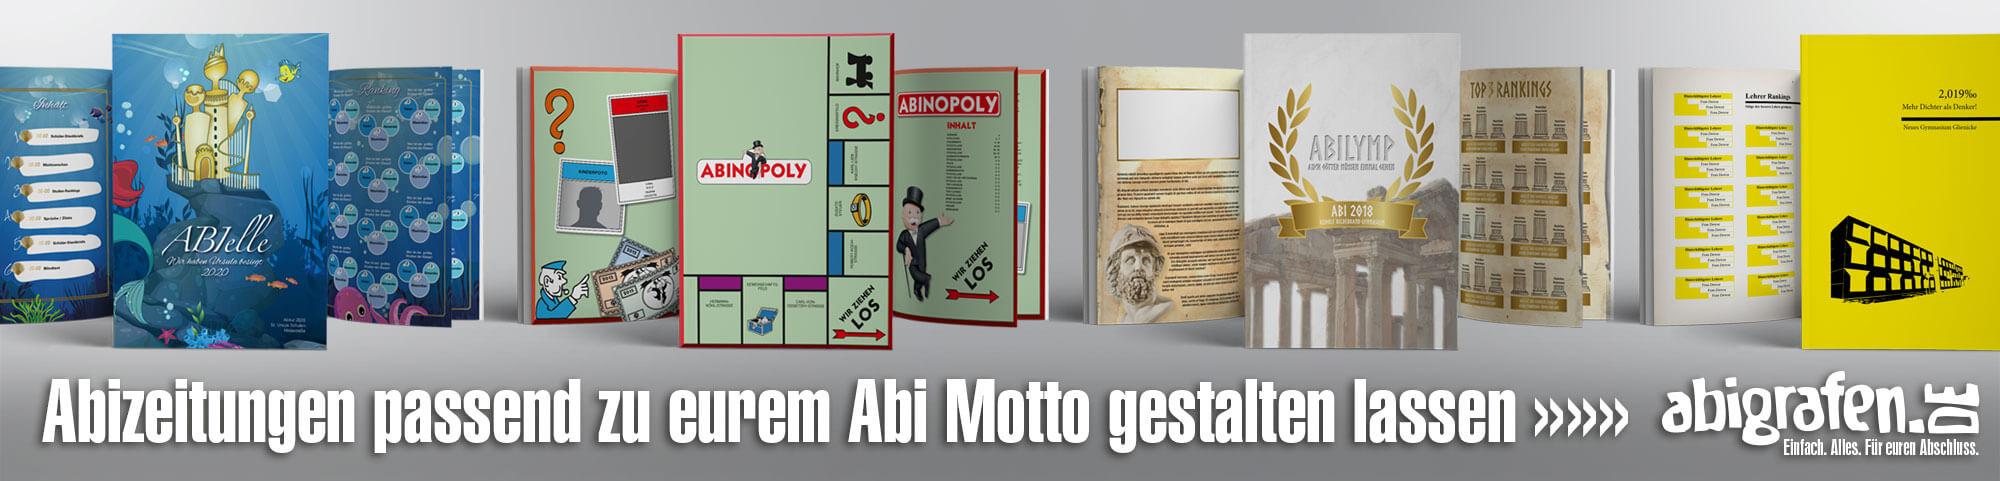 Layout von Abizeitungen/Abibüchern passend zum Abi Motto (Grafikservice)